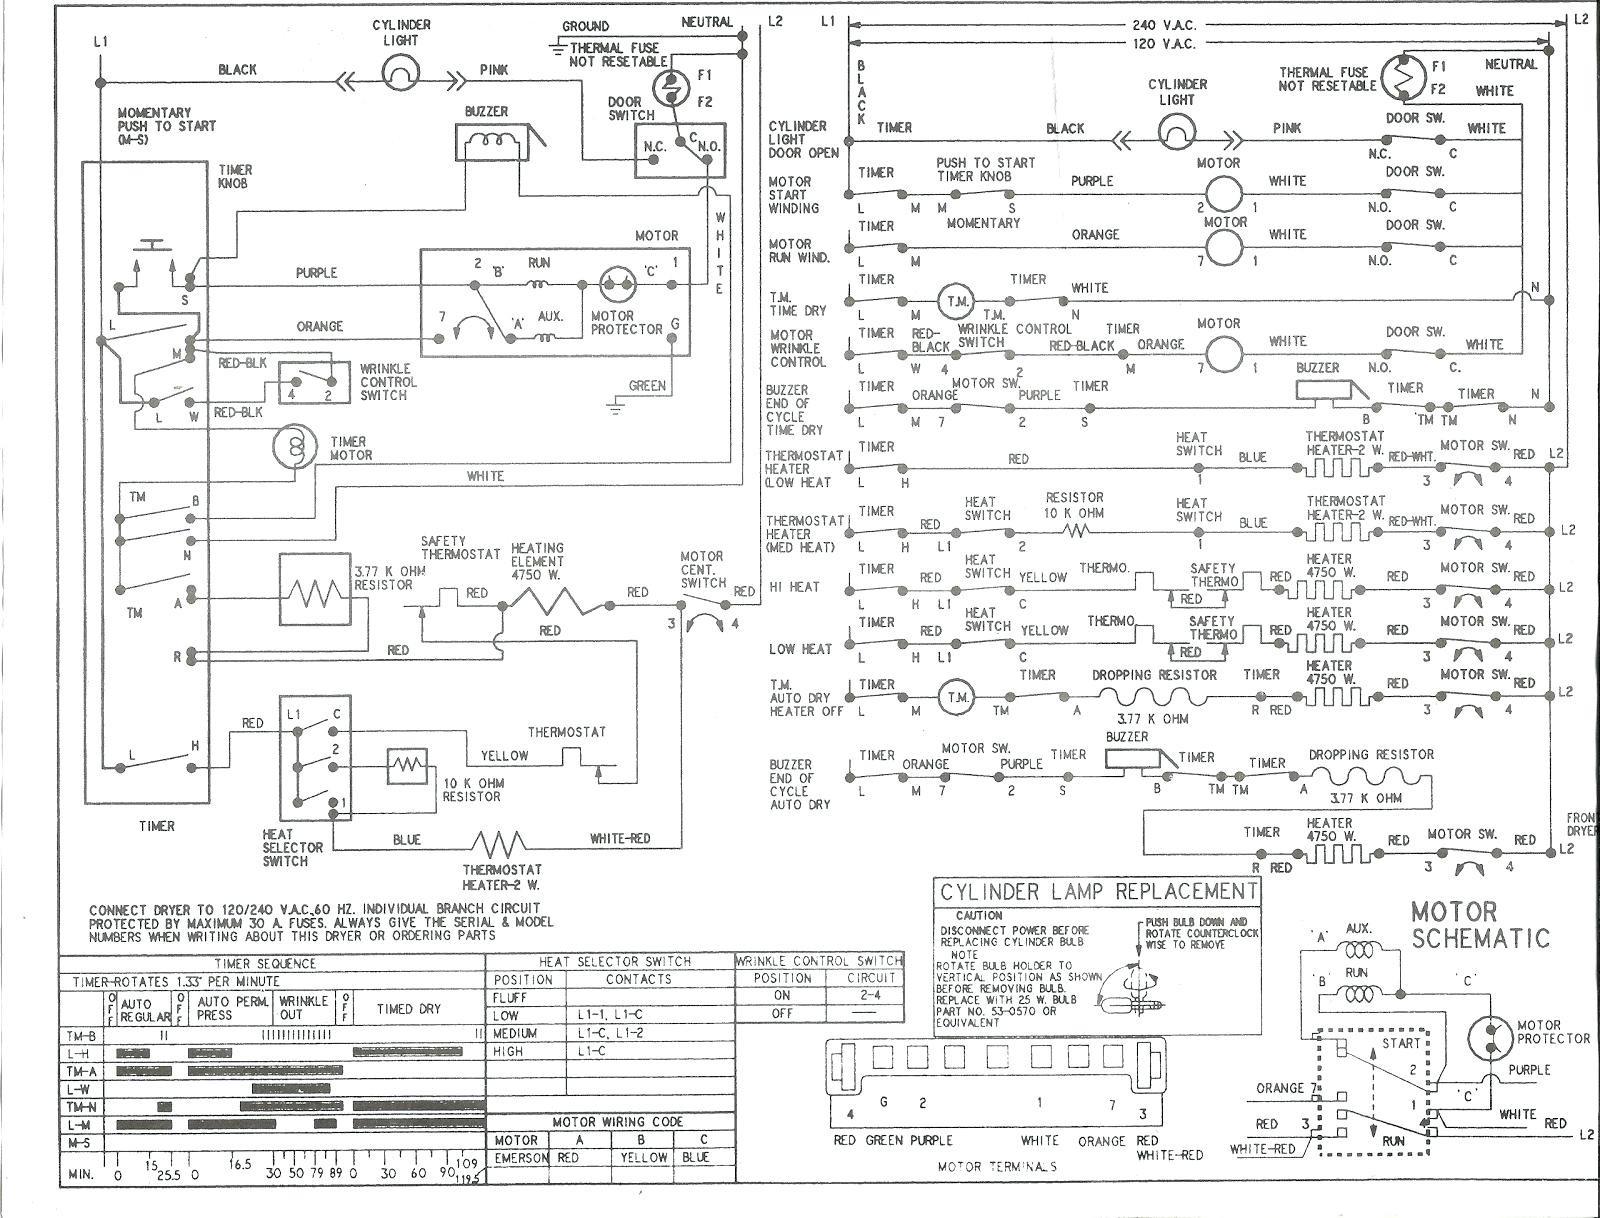 Detroit Diesel Series 60 Ecm Wiring Diagram